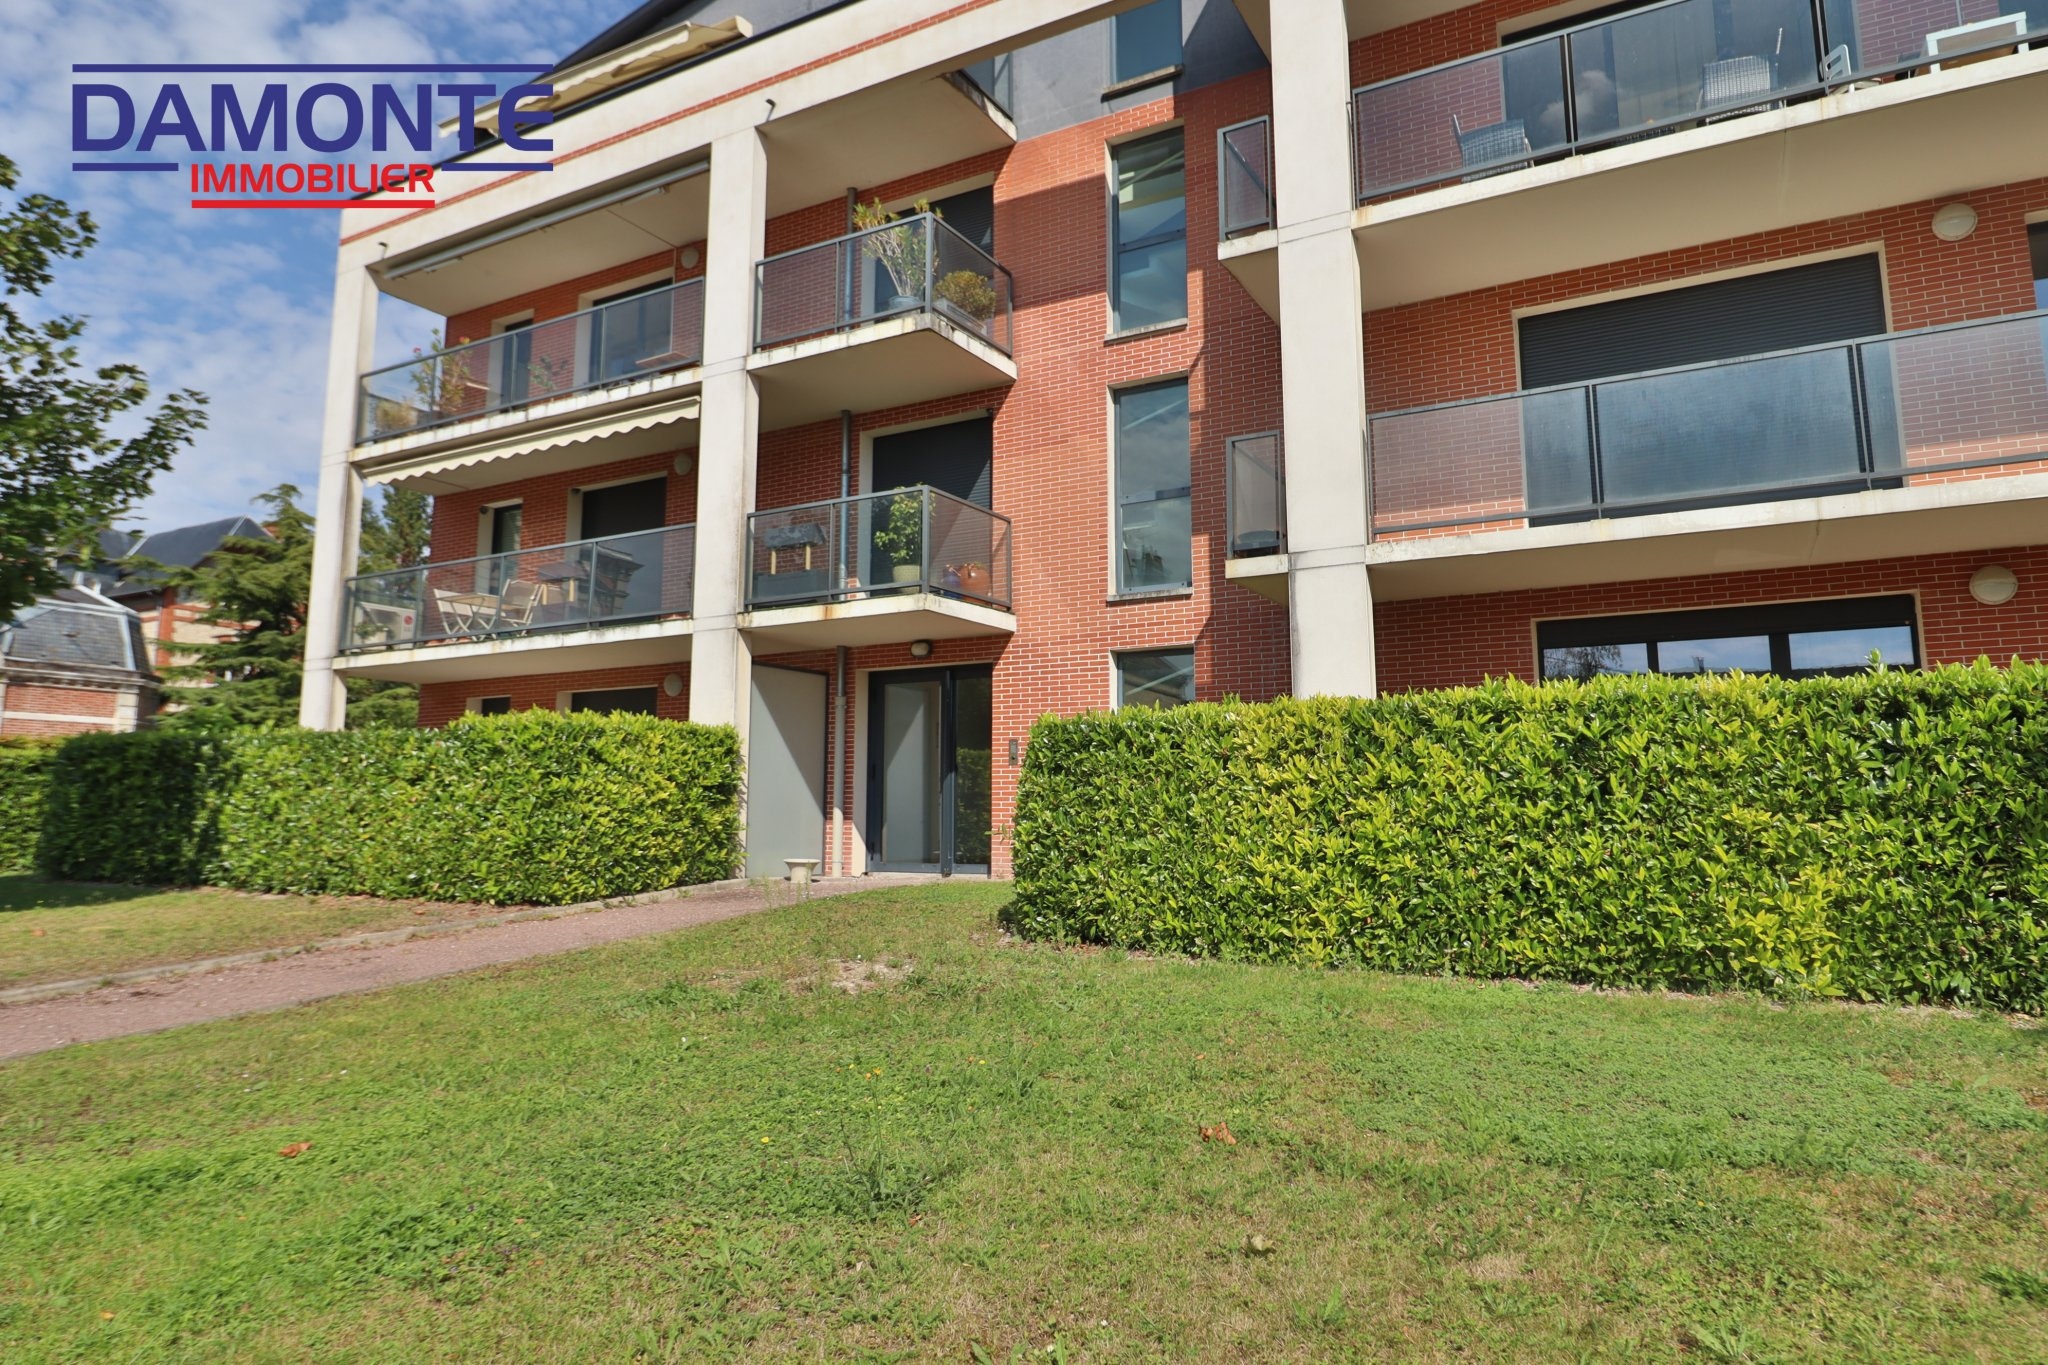 Damonte Achat appartement - Réf n° 1_19247